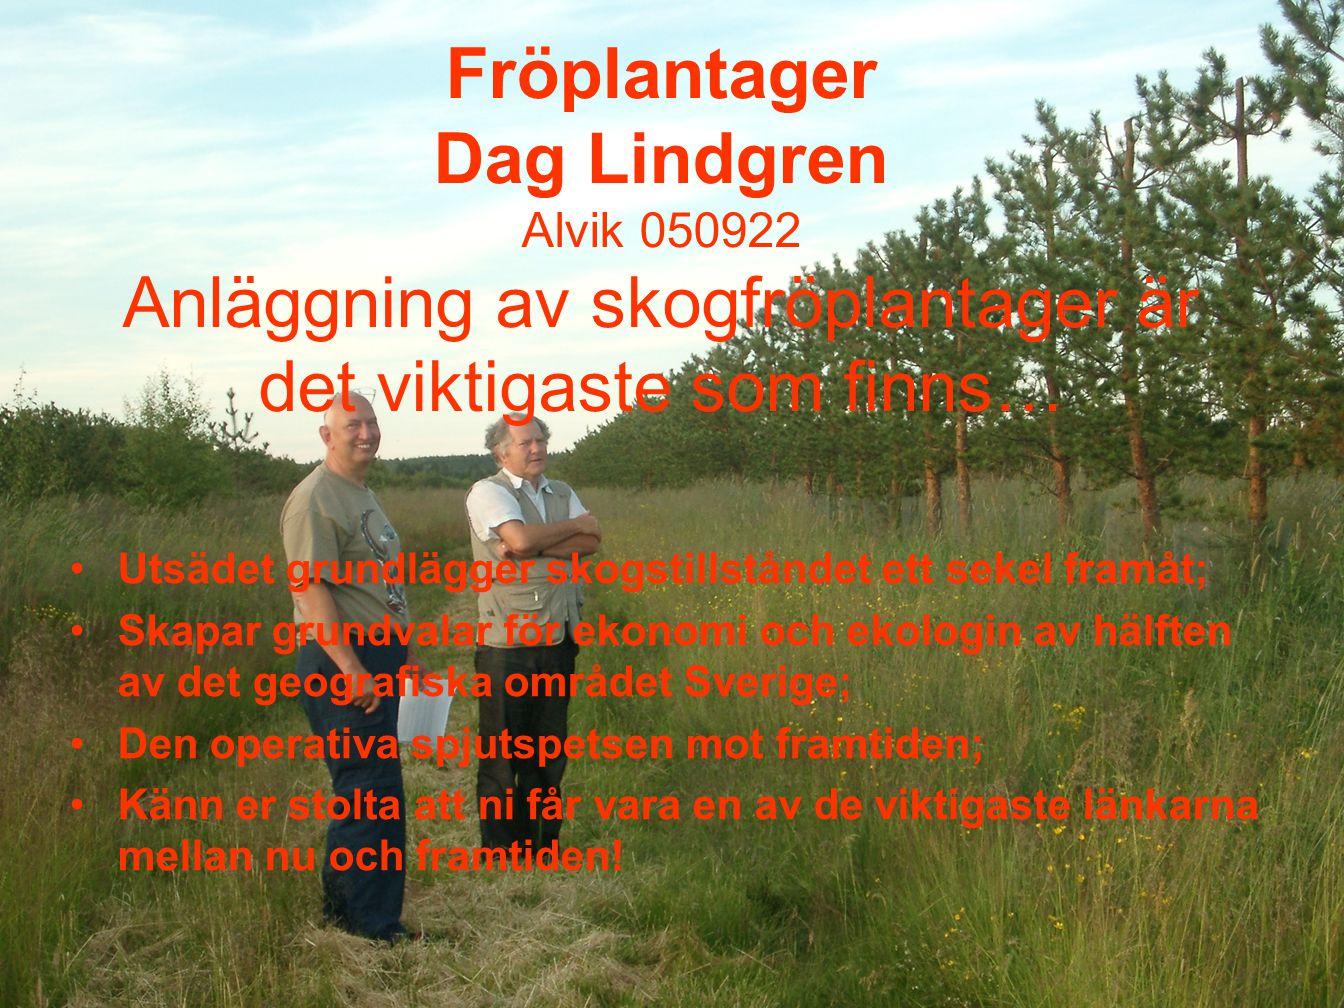 2 Recention SkogForsk Plantagesida (tonvikt på Prescher, Lindgren et als forskning sista året) Står: Fröplantager har en livslängd av upp mot 40 år Nya rön: Tallfröplantagers ekonomiska livslängd kan vara kortare, kanske 30 år (Lindgren, Prescher et al 2005).